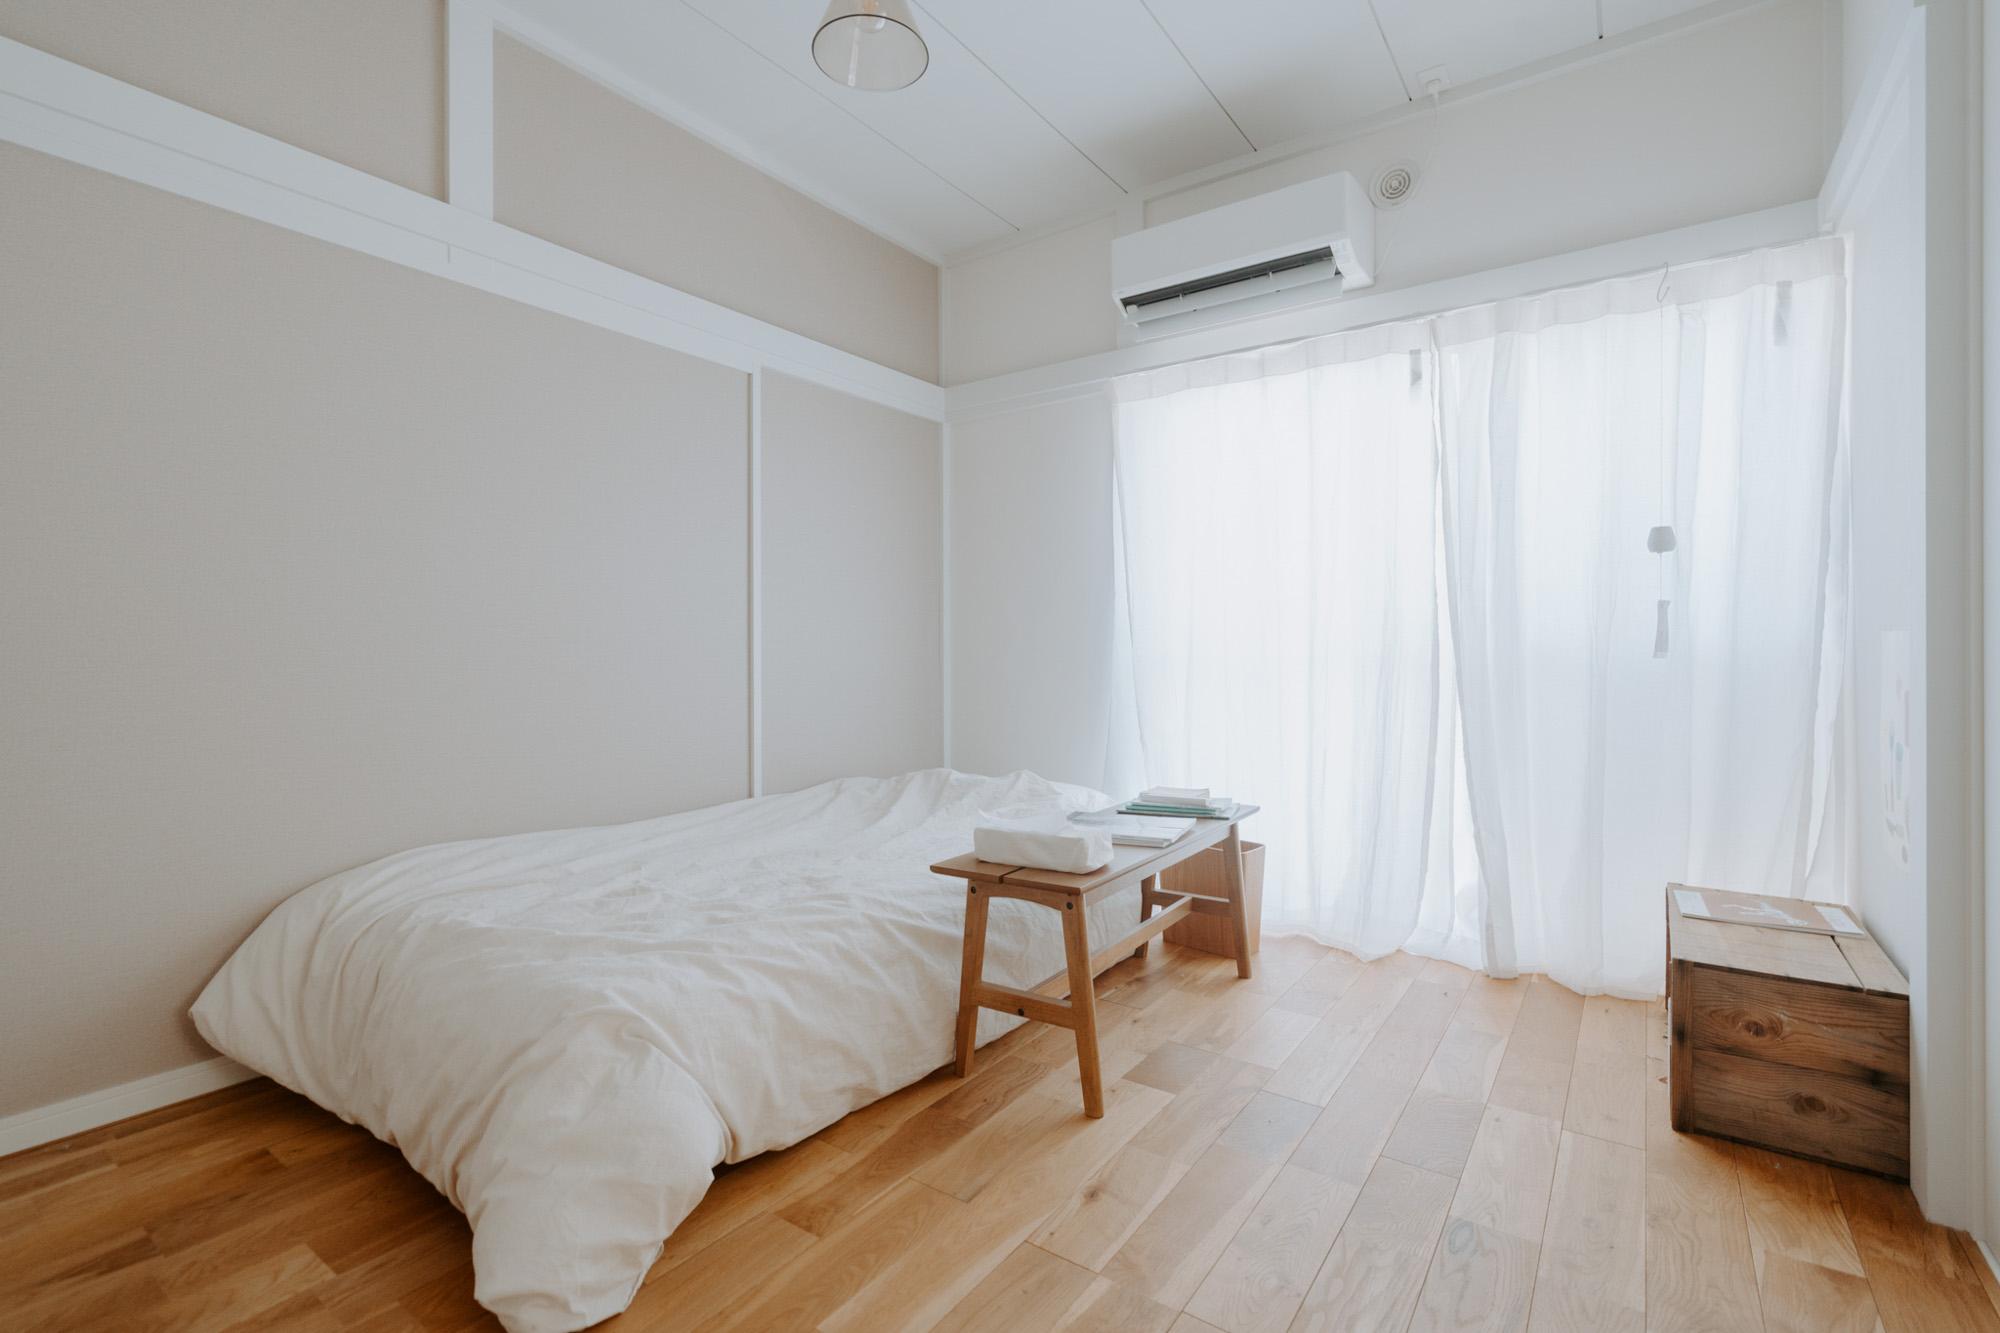 ベッドルームはシンプルに。ベッド横に置かれたベンチは、かなでもののオーク材のもの。床と同じ色味のものを選ばれています。